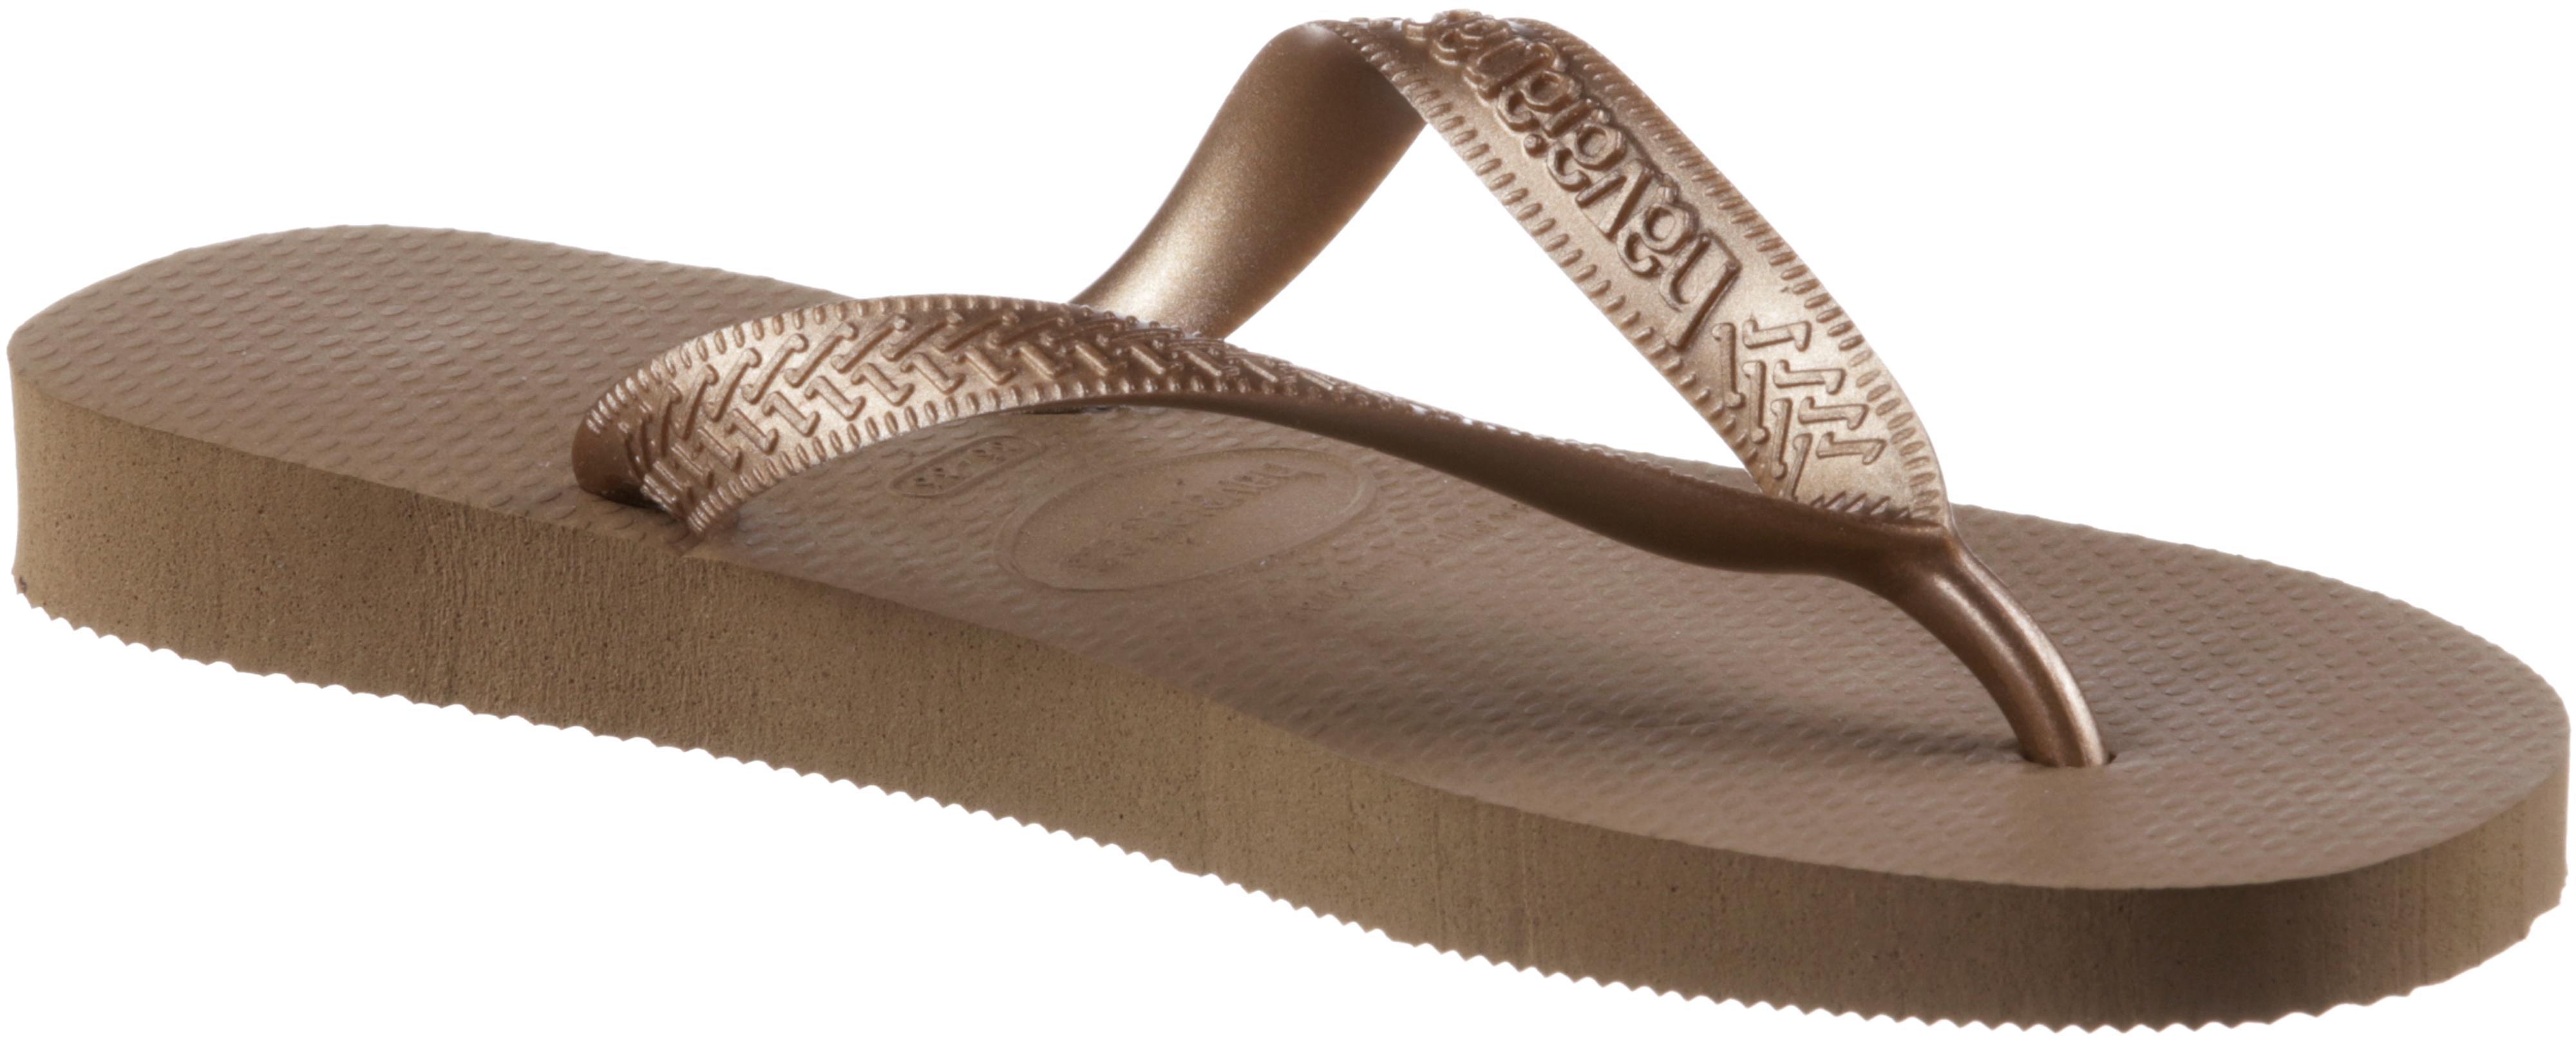 Havaianas Top Trias Trias Trias Zehentrenner Damen blau im Online Shop von SportScheck kaufen Gute Qualität beliebte Schuhe e4c83e